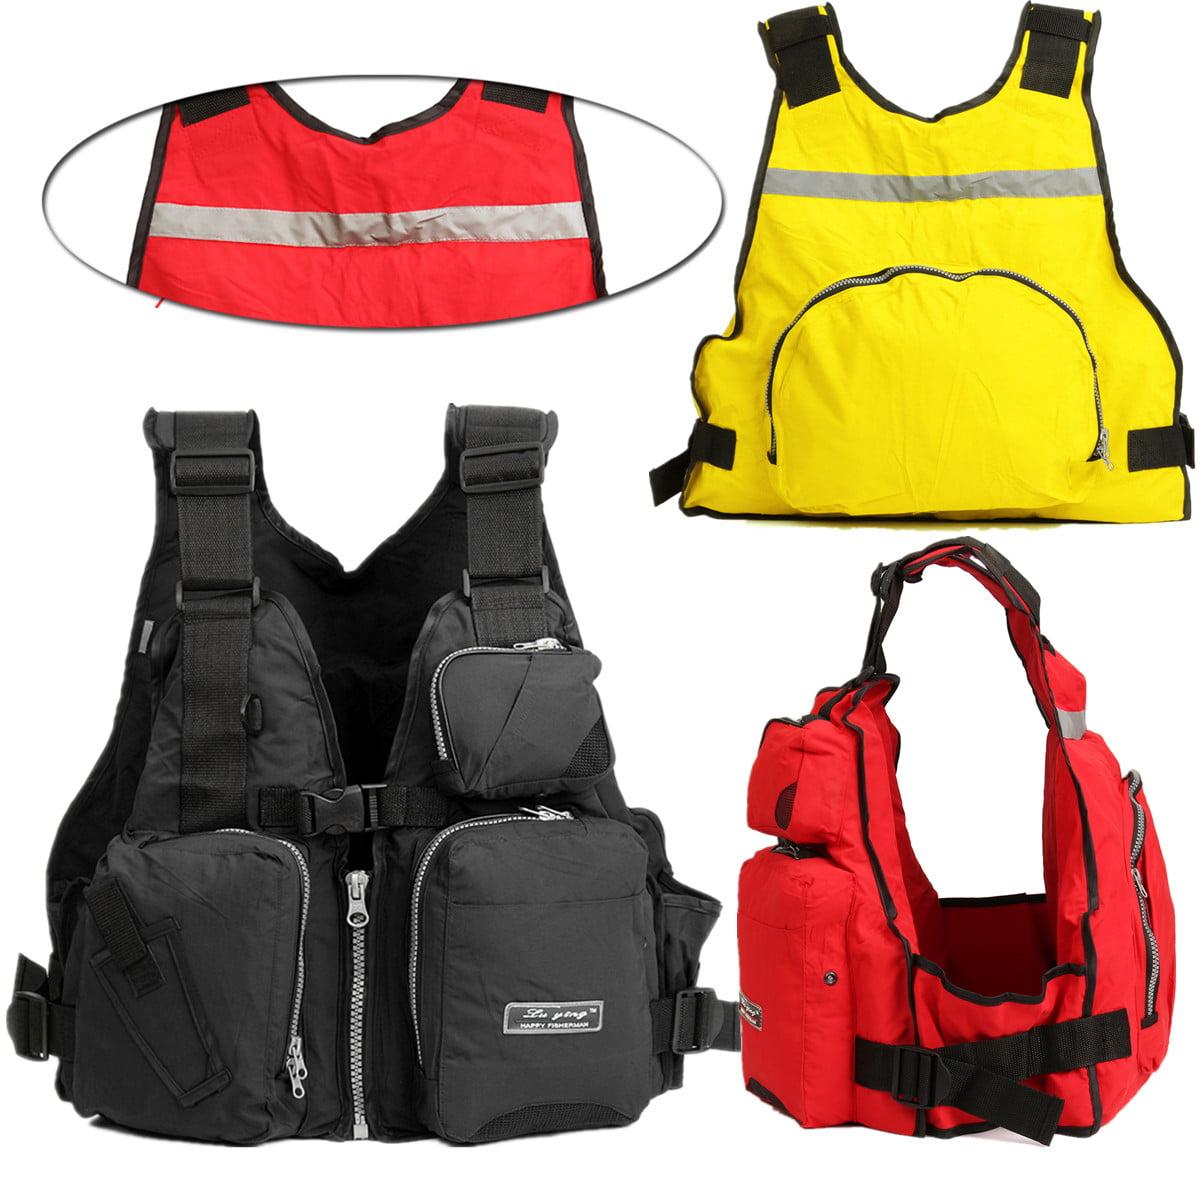 Adult Universal Adjustable Fishing Life Jacket Nylon EPE Swimming Life Vest kayak Boating Sailing Buoyancy Fishing Vest